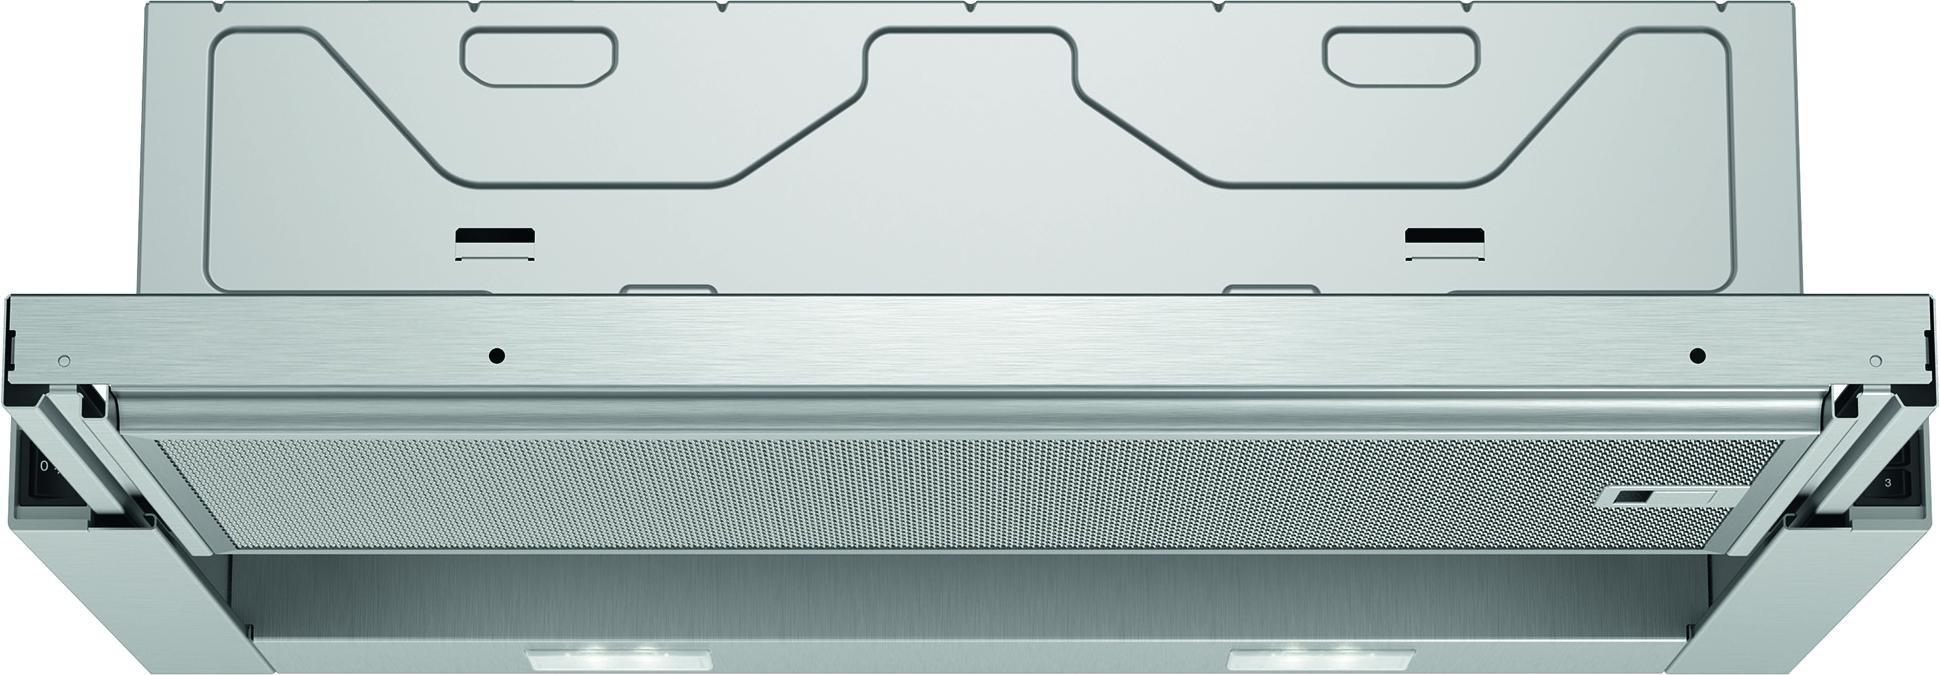 Siemens LI64LA521 Afzuigkap vlakscherm Aluminium